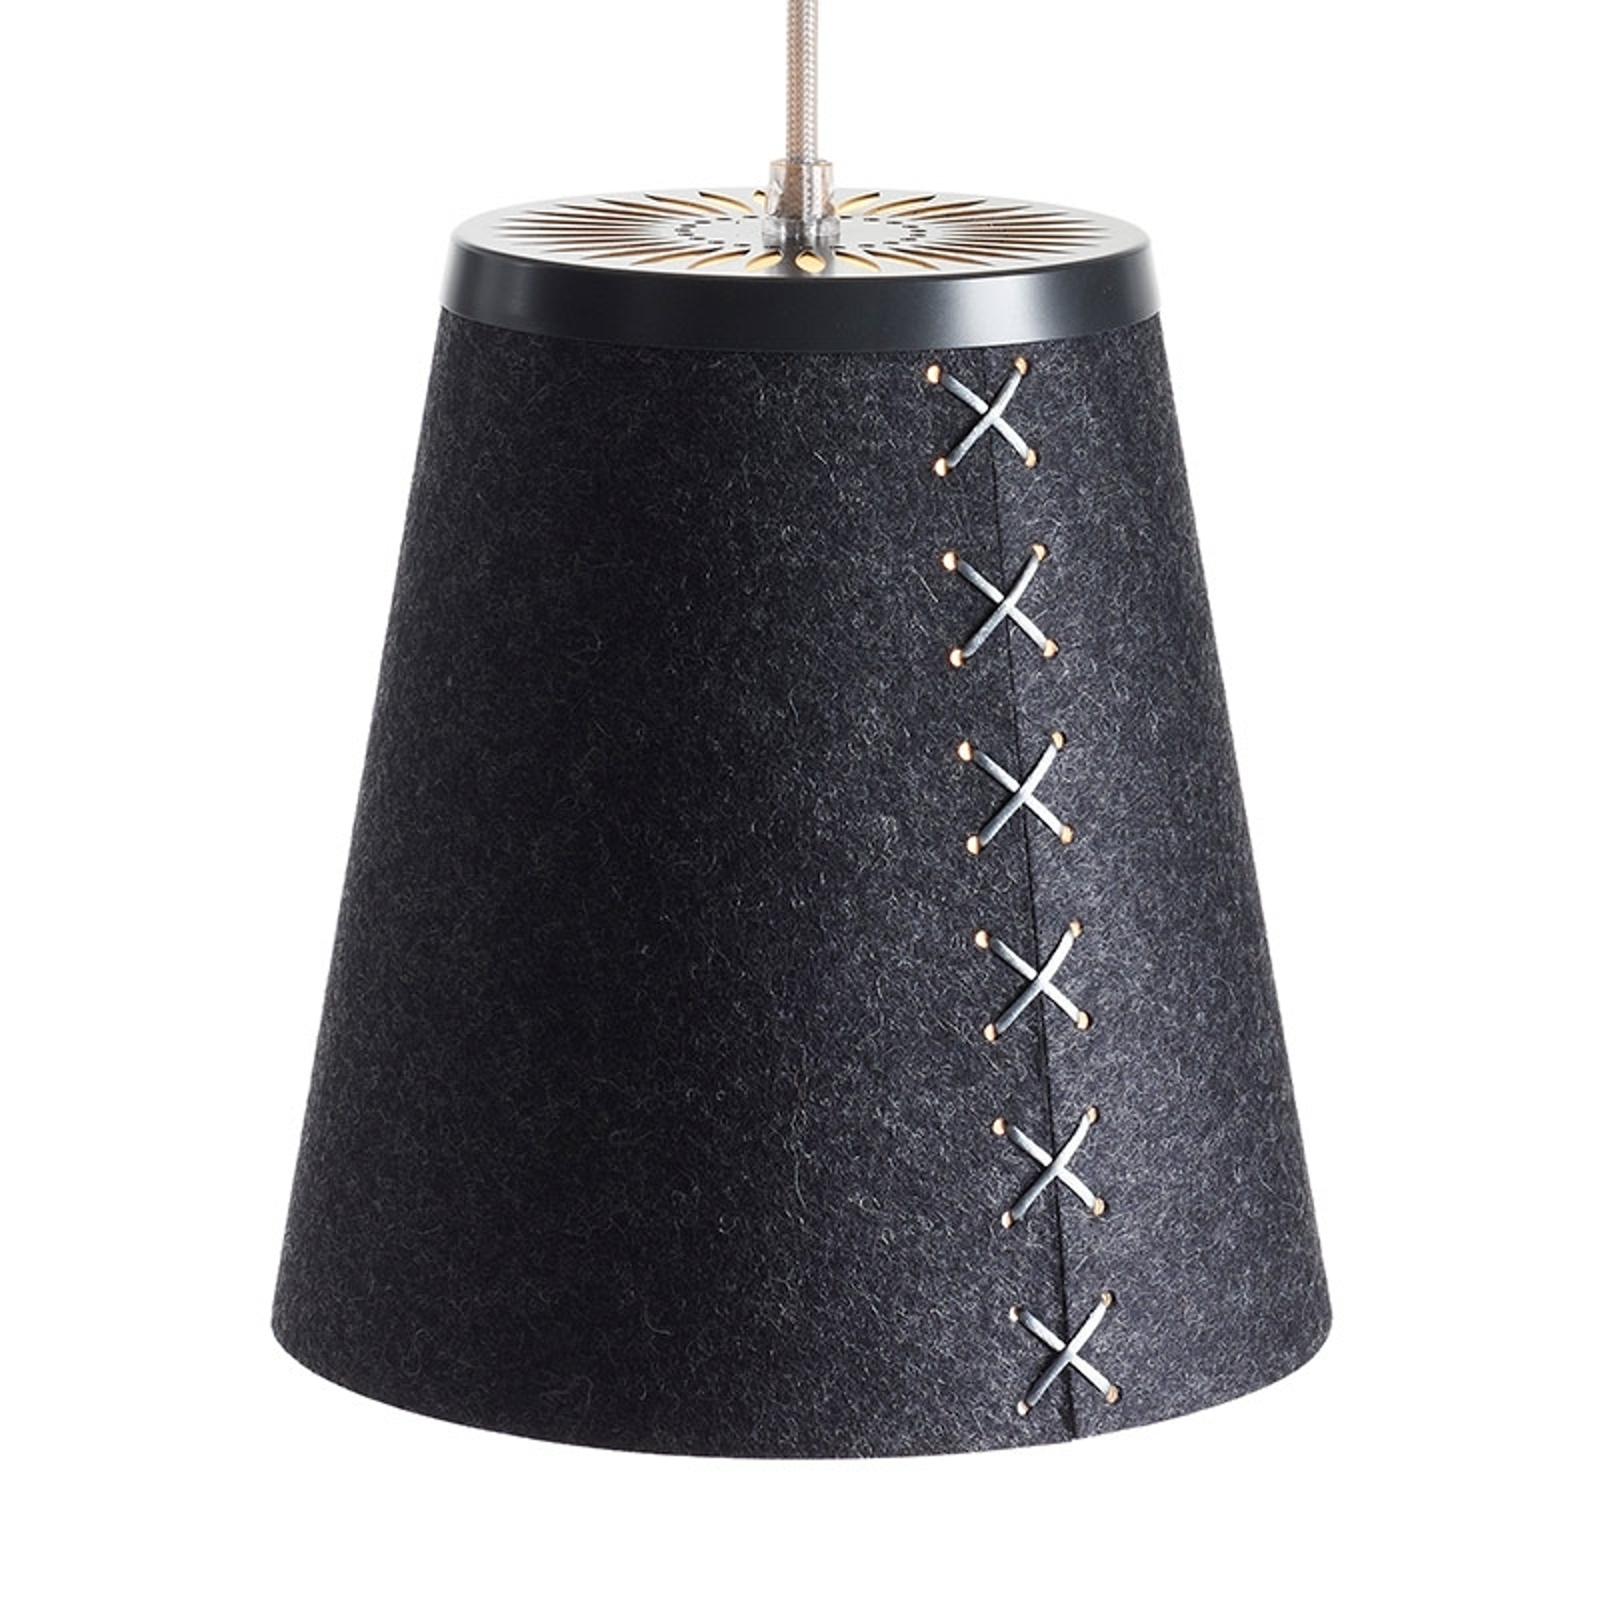 Pendant light Flör made of wool felt_2600483_1